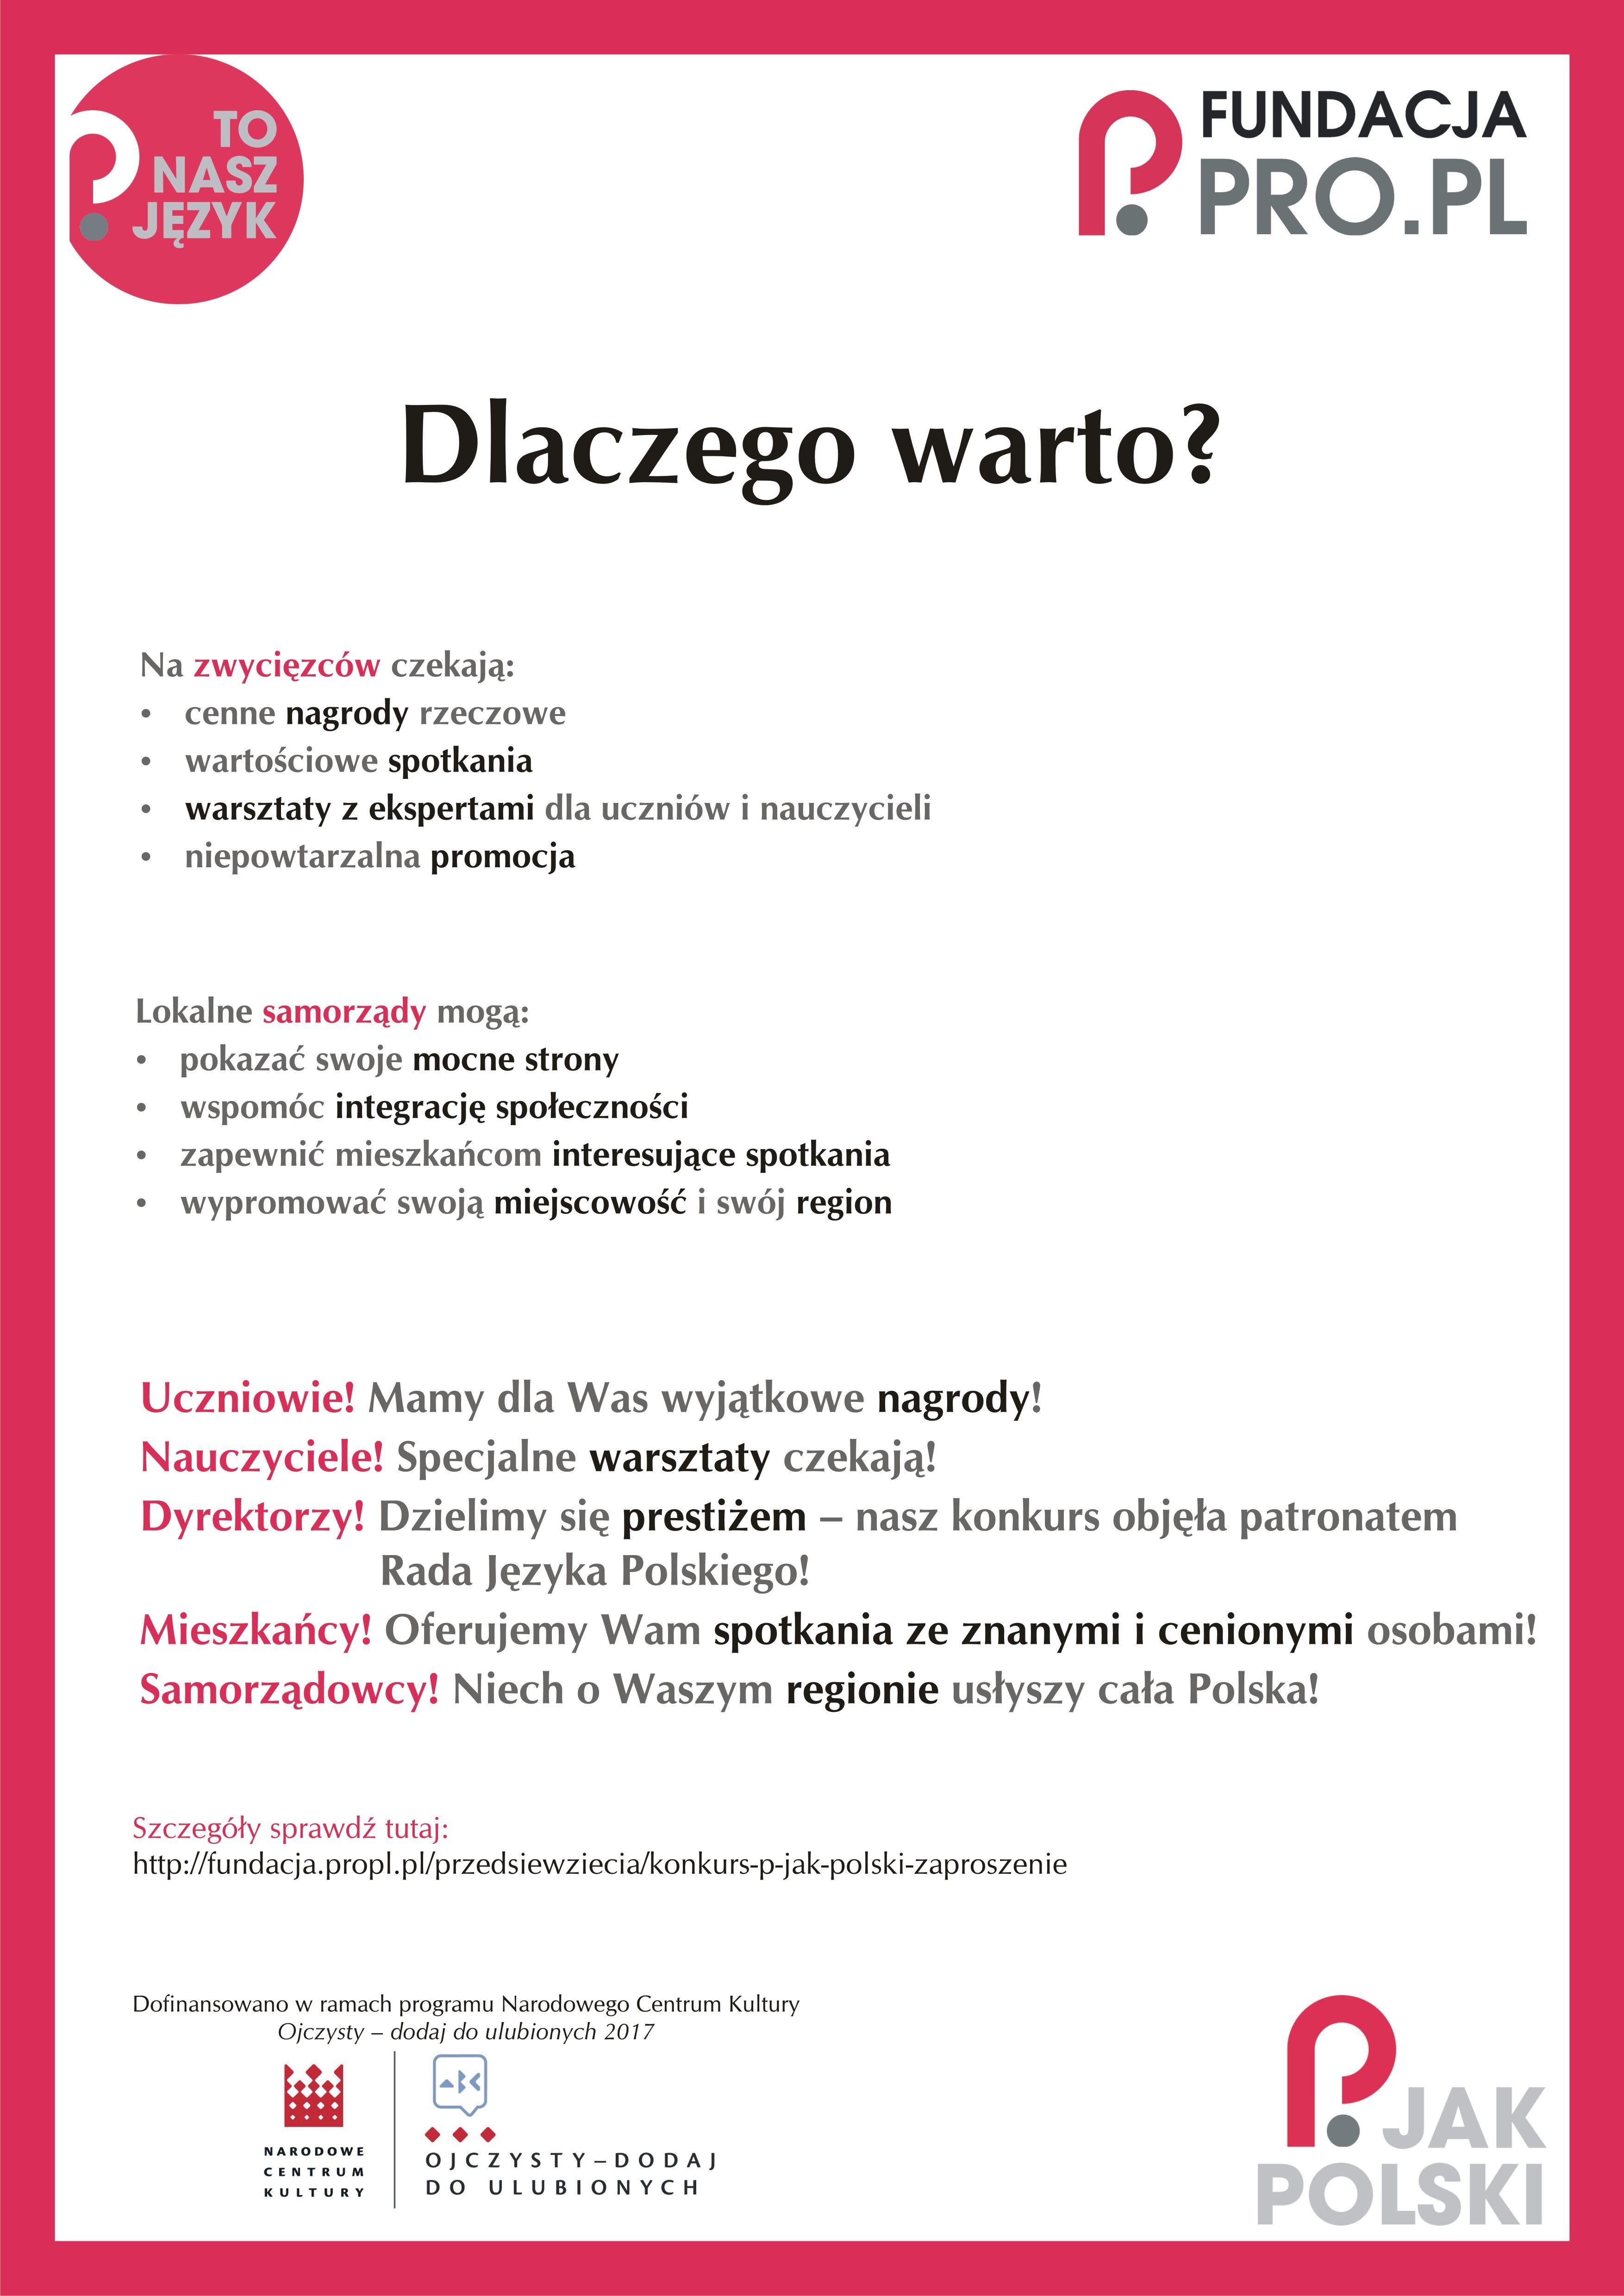 Konkurs P Jak Polski Ponowne Zaproszenie Propl